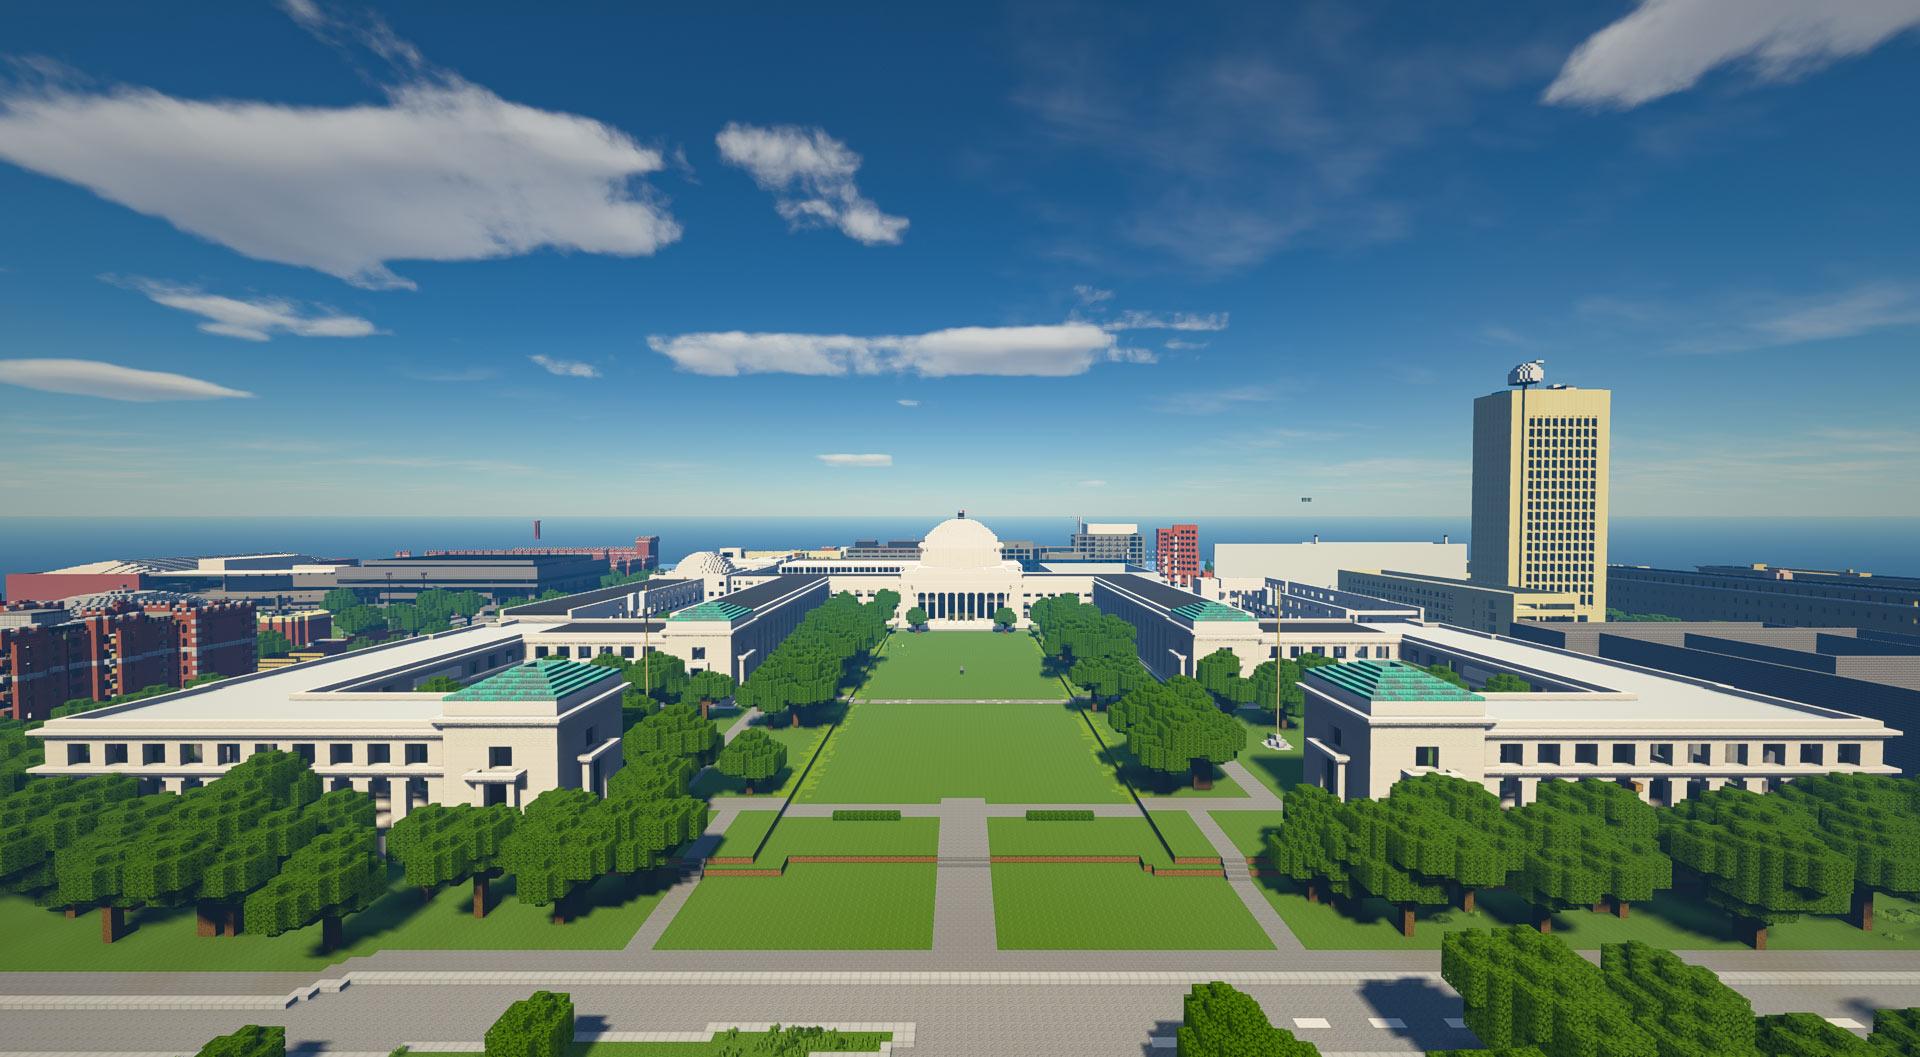 MIT Campus view